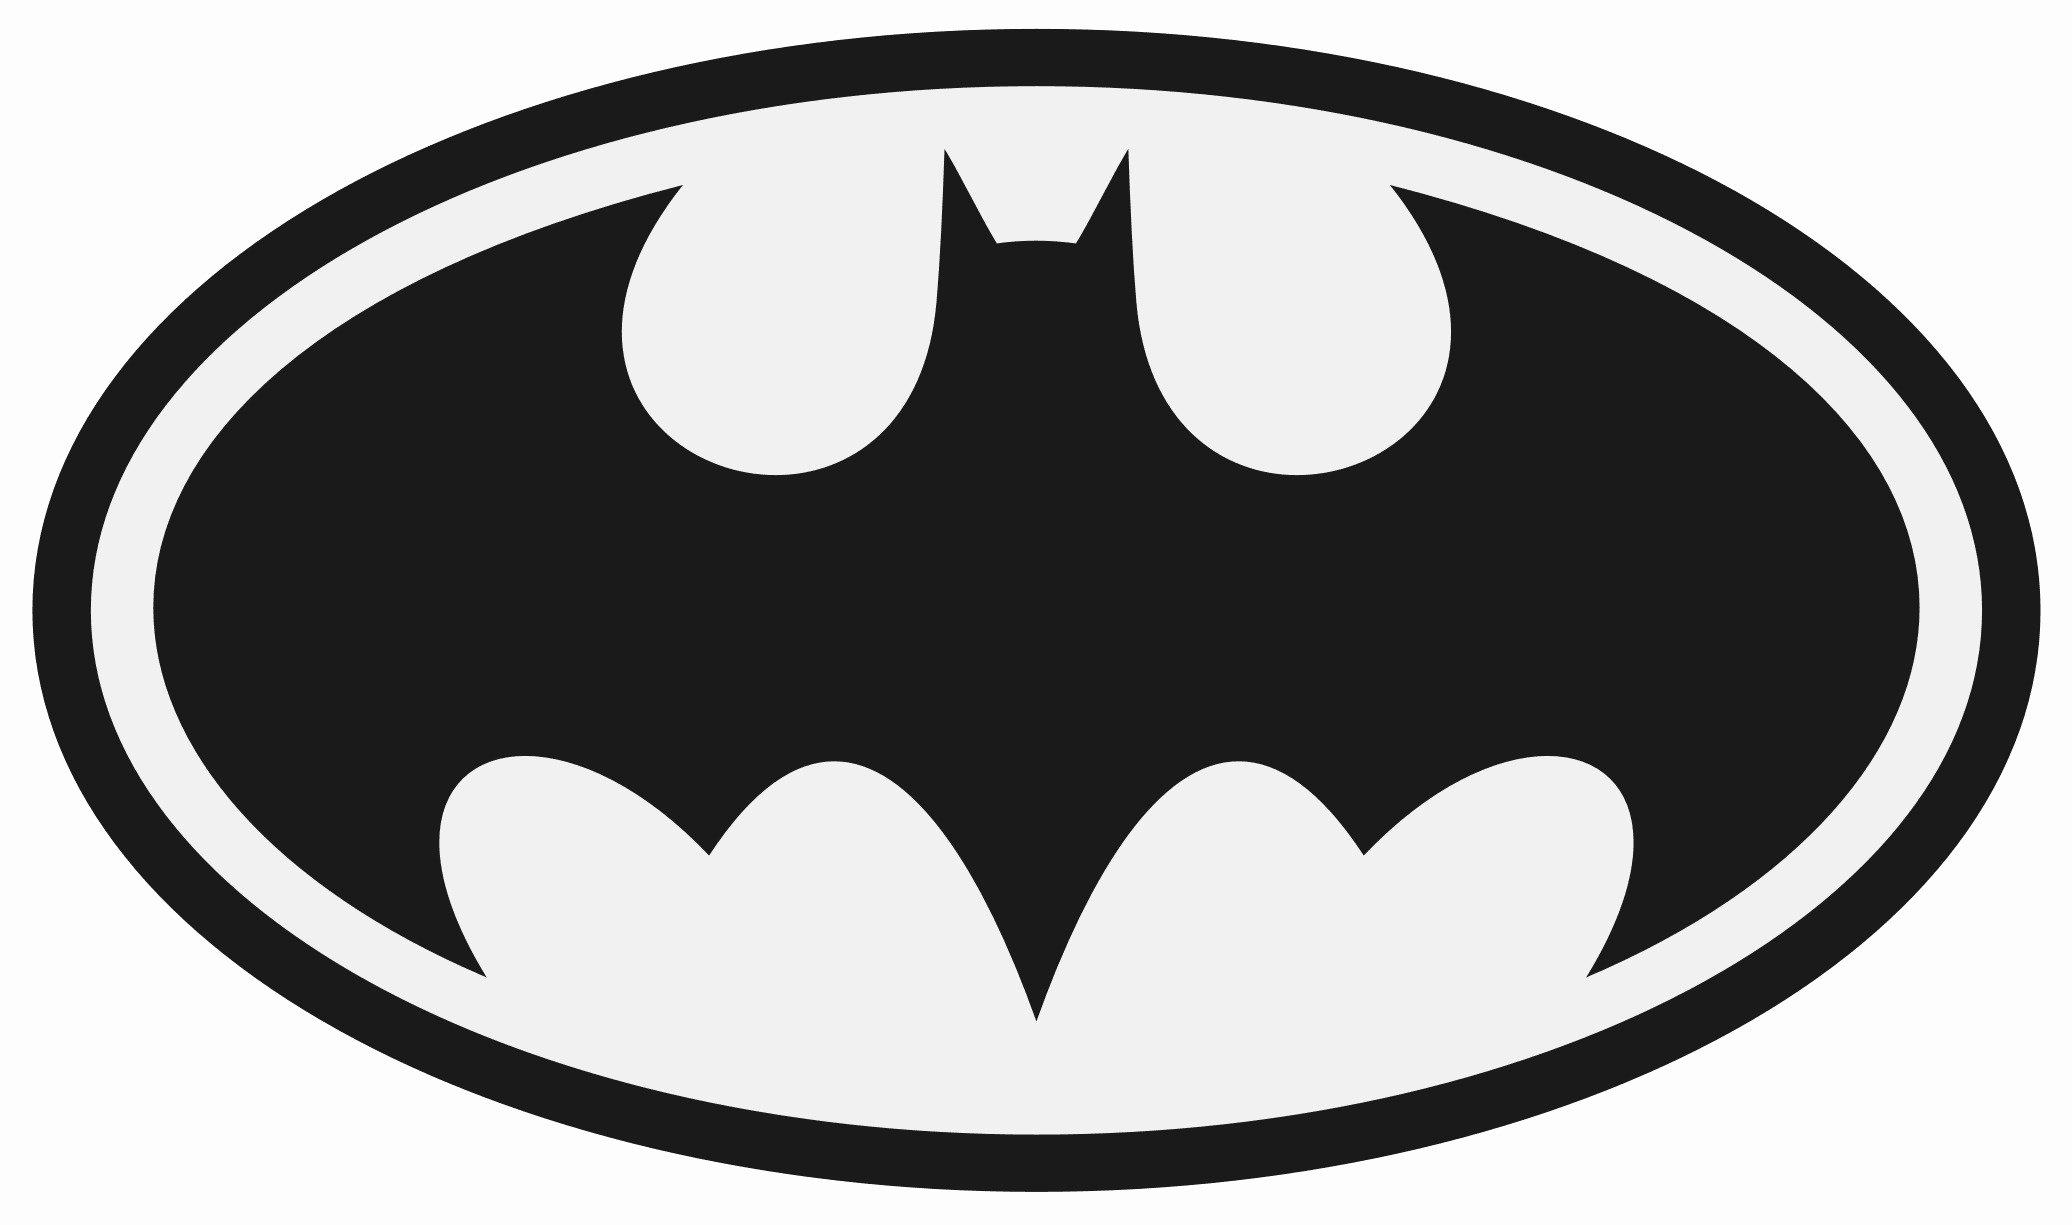 Batman Logo Pumpkin Stencil Fresh Batman Symbol Pumpkin Free Download Clip Art